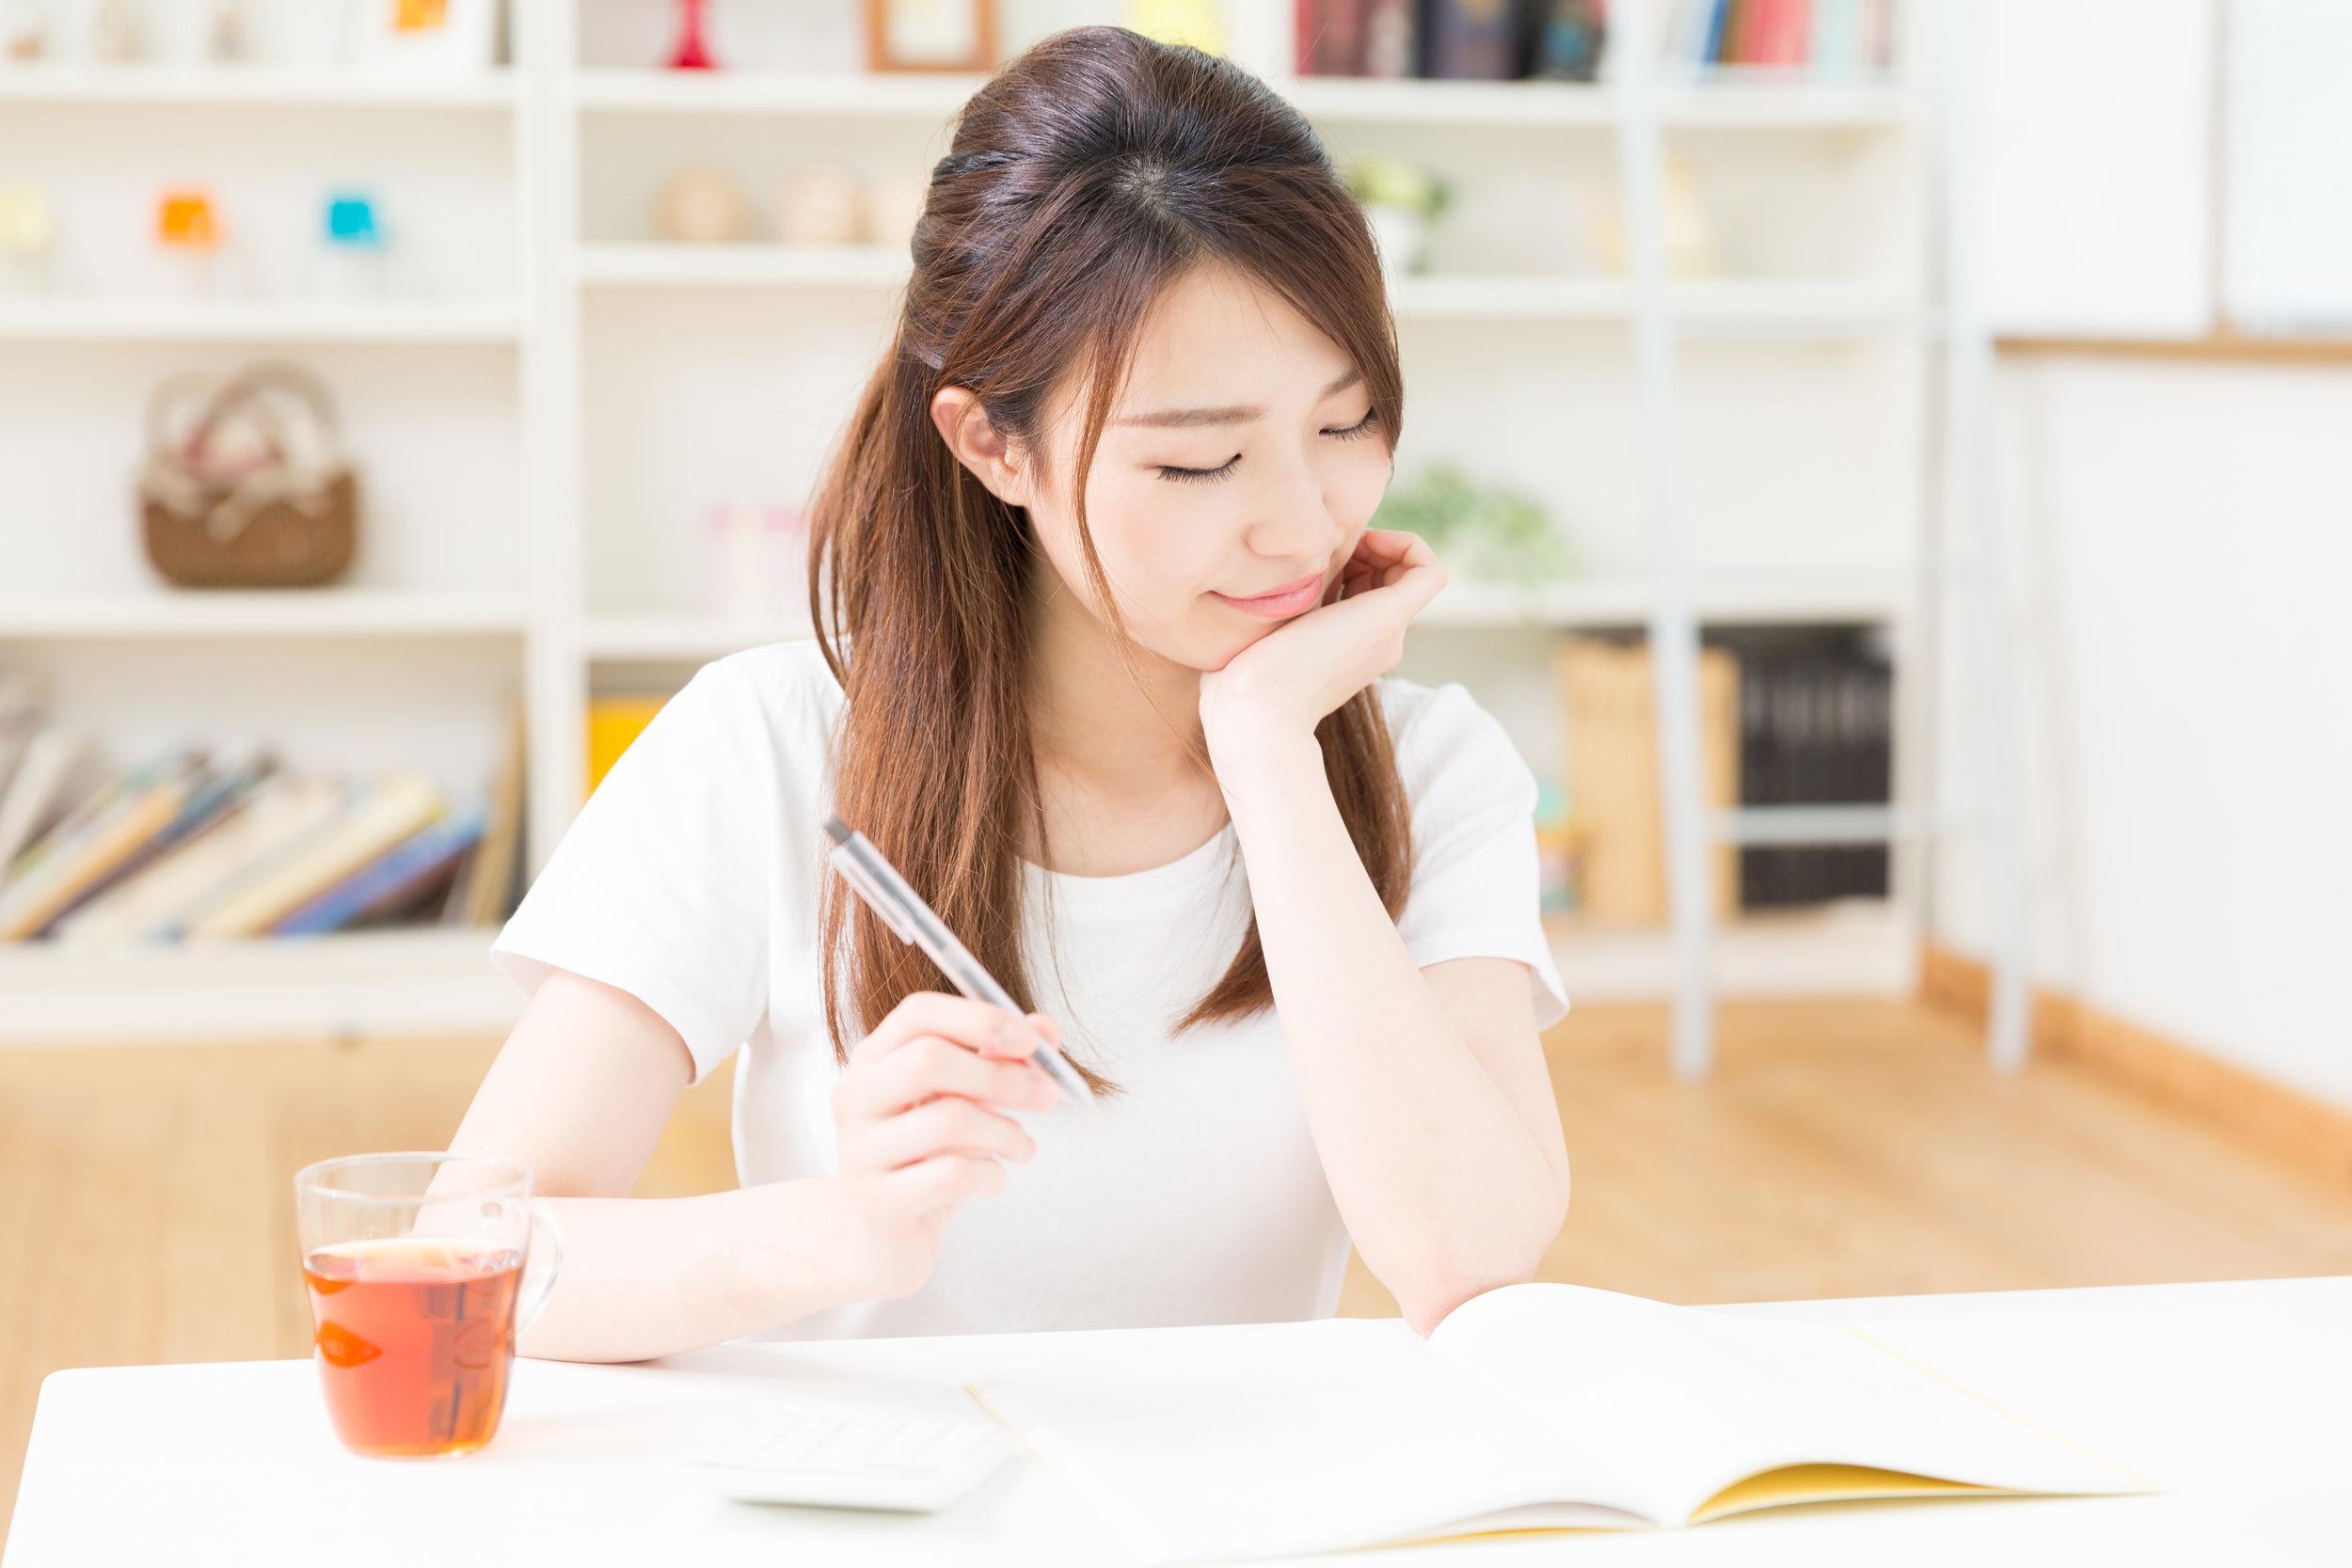 大人コース - 週1回90分のレッスンに加えて月2回の60分ボーナスレッスンがあります。NEOではなんとなく英語を話すことが目的ではありません。せっかくであれば正しい英語であることとコミュニケーションの流暢さの両方に焦点を当てています。大人コースでは様々なご職業の方がいらっしゃいます。そんな方々とつながるツールを英語を介して作り上げていきましょう。もっと見る